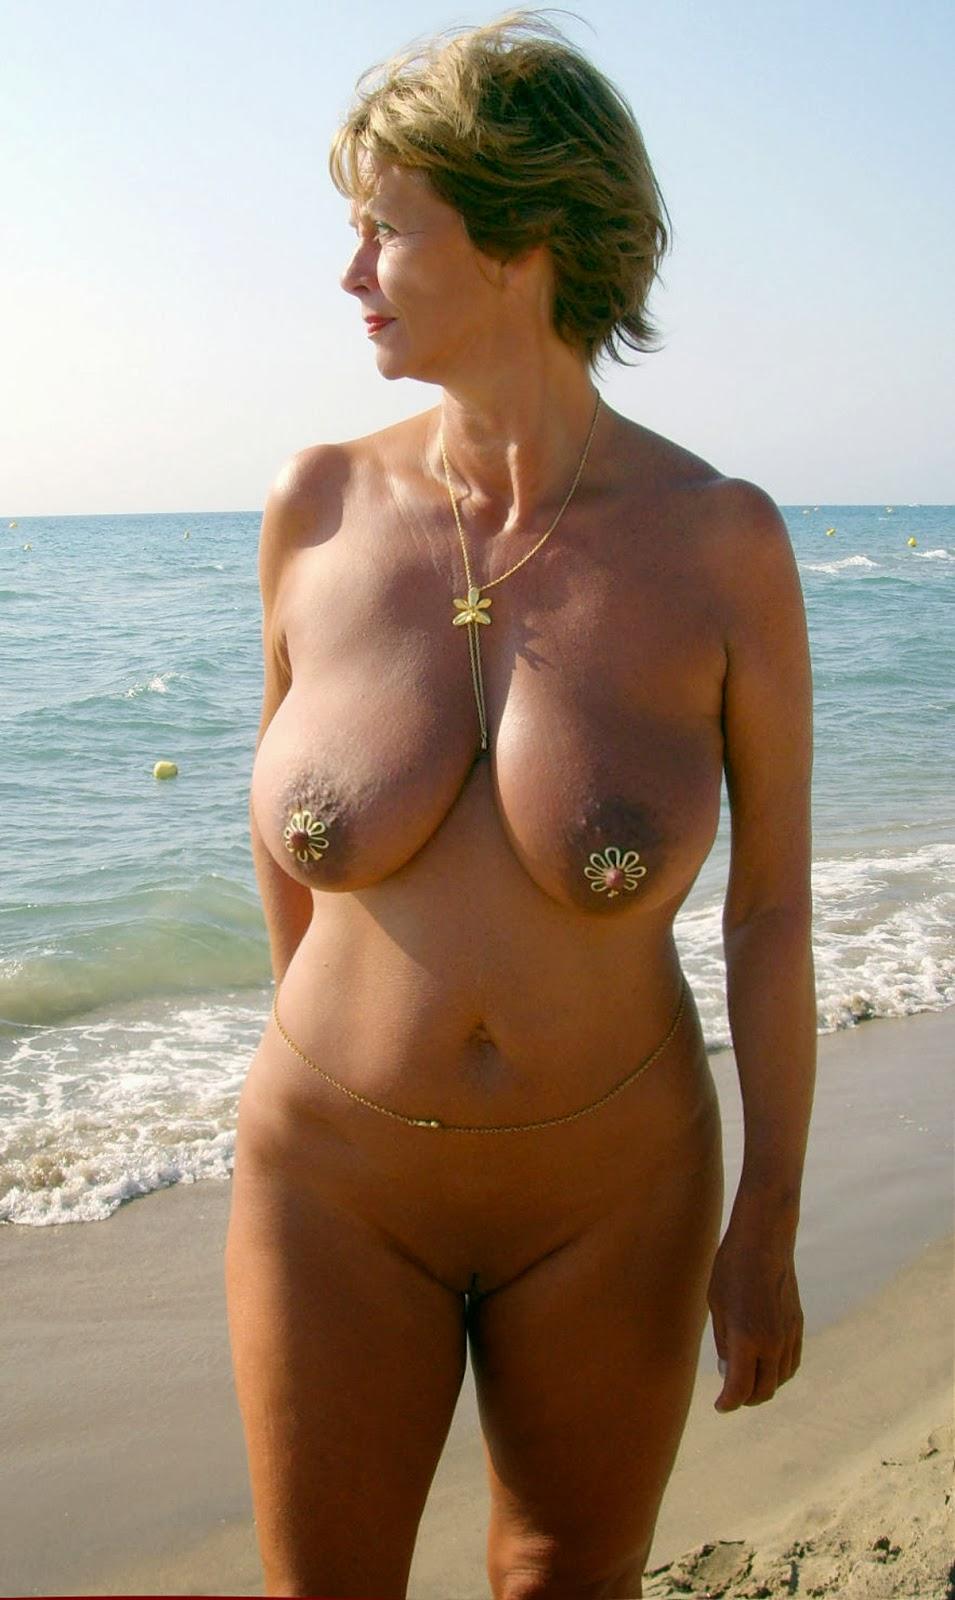 Mature female exhibitionists